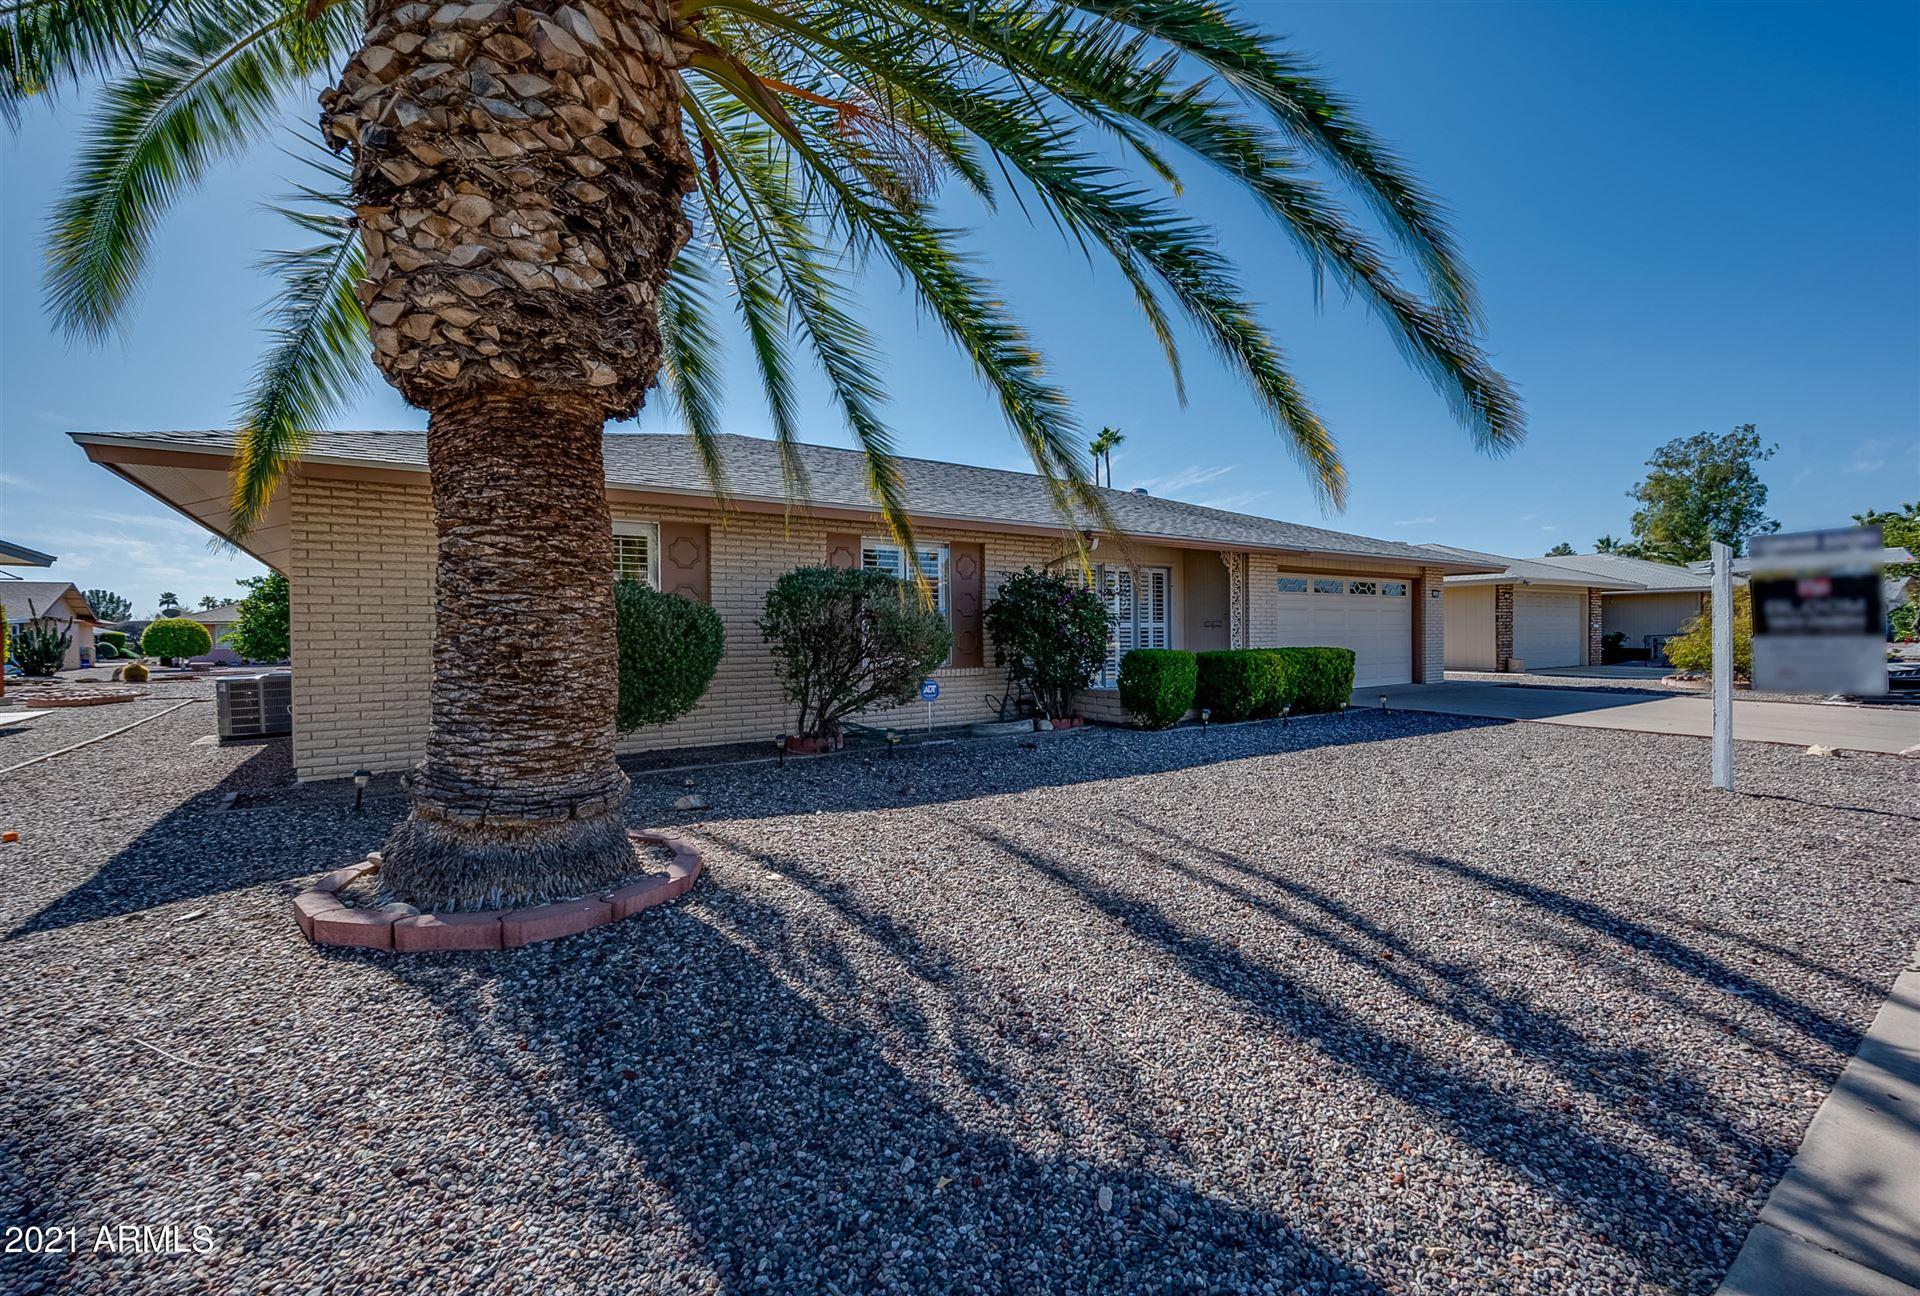 Photo of 15617 N NICKLAUS Lane, Sun City, AZ 85351 (MLS # 6196868)